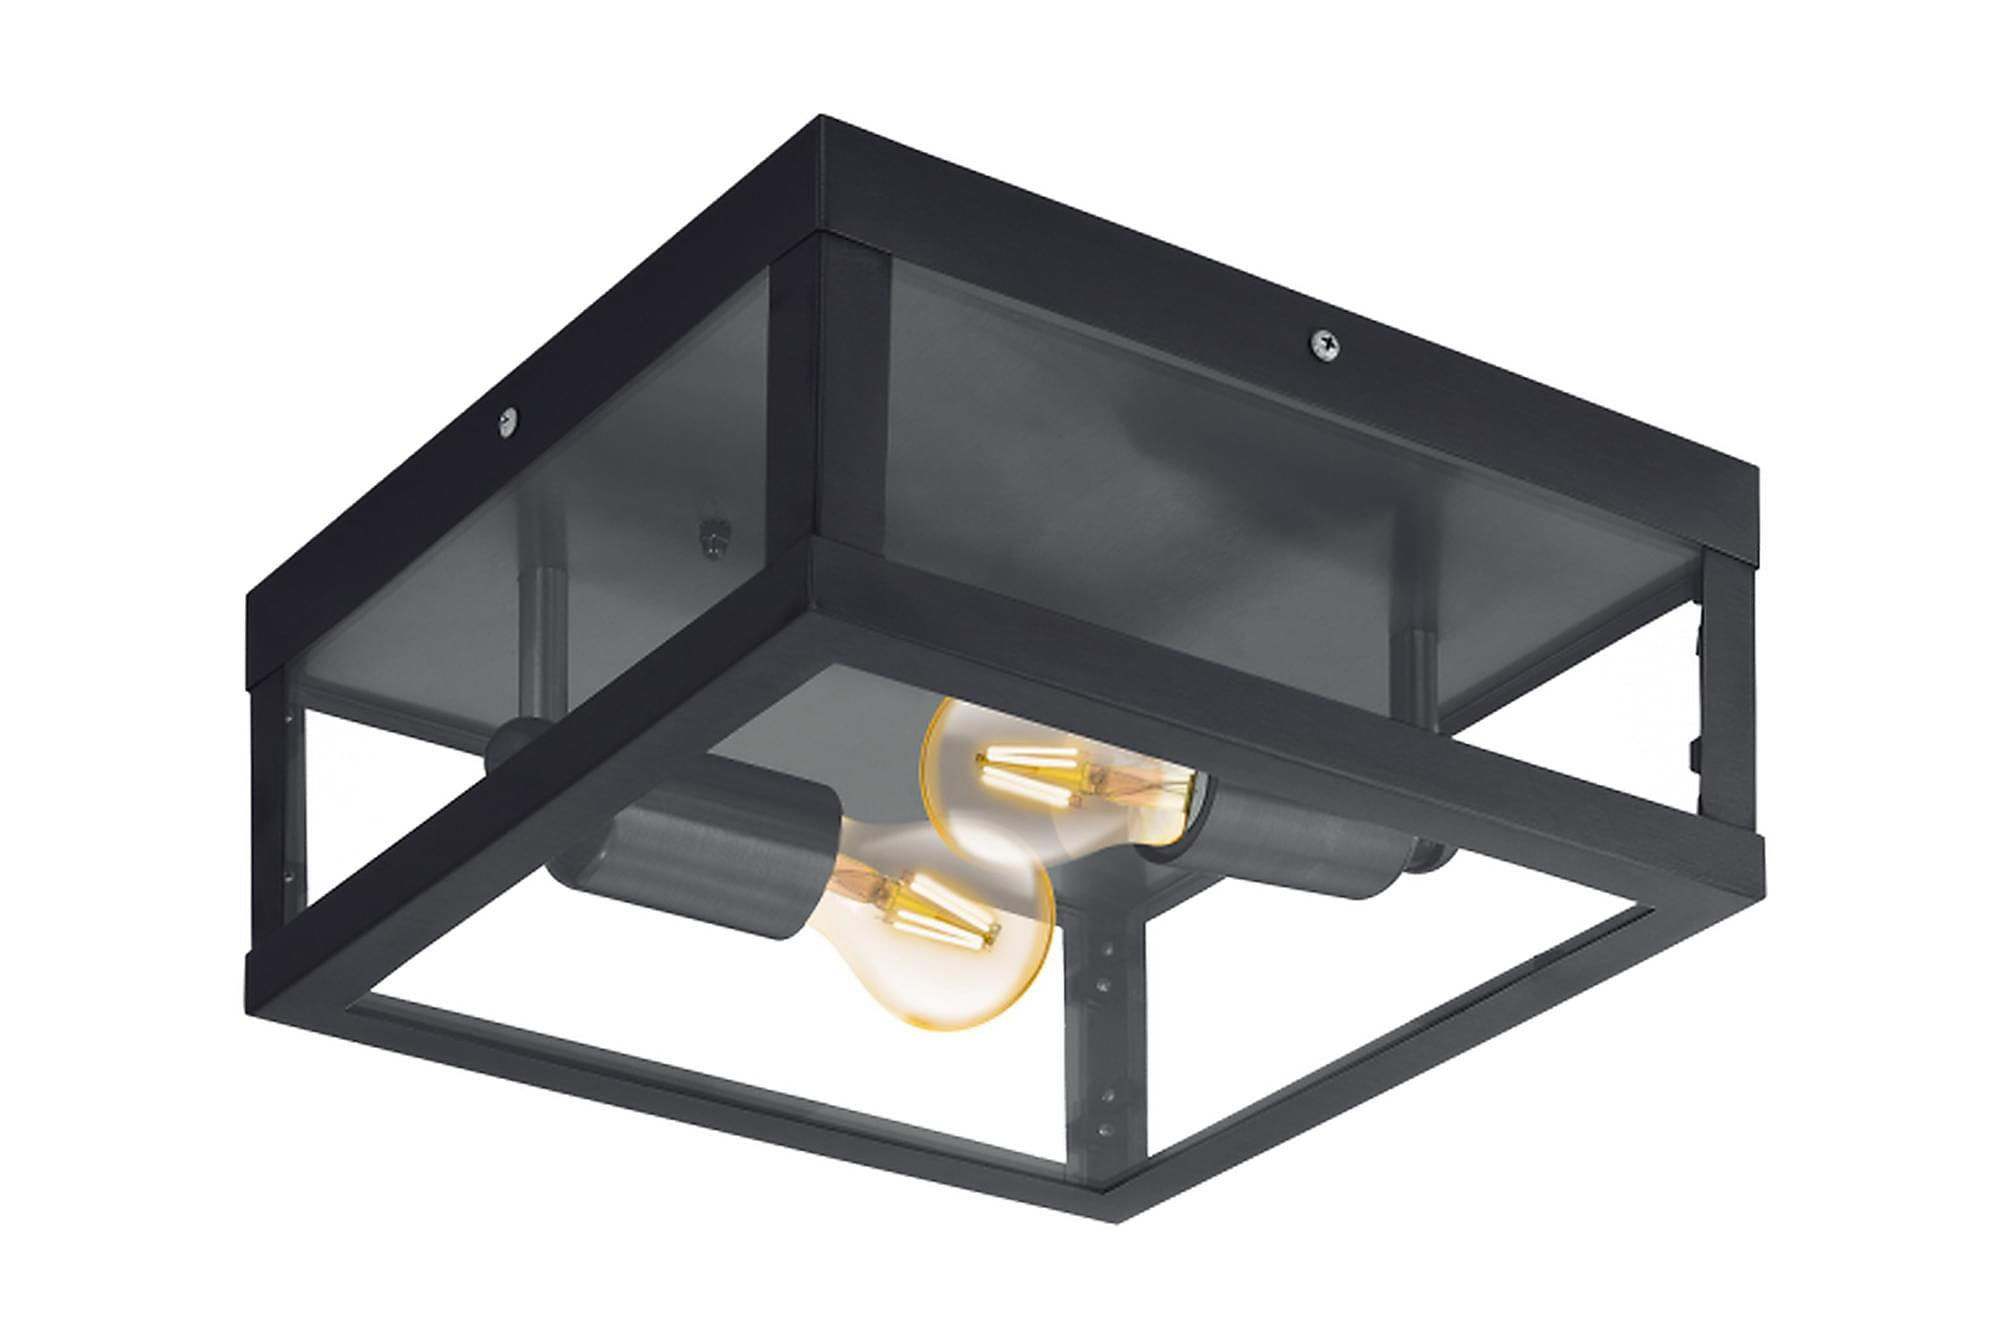 ALAMONTE Plafond 29 2 Lampor Svart/Klar, Lampor